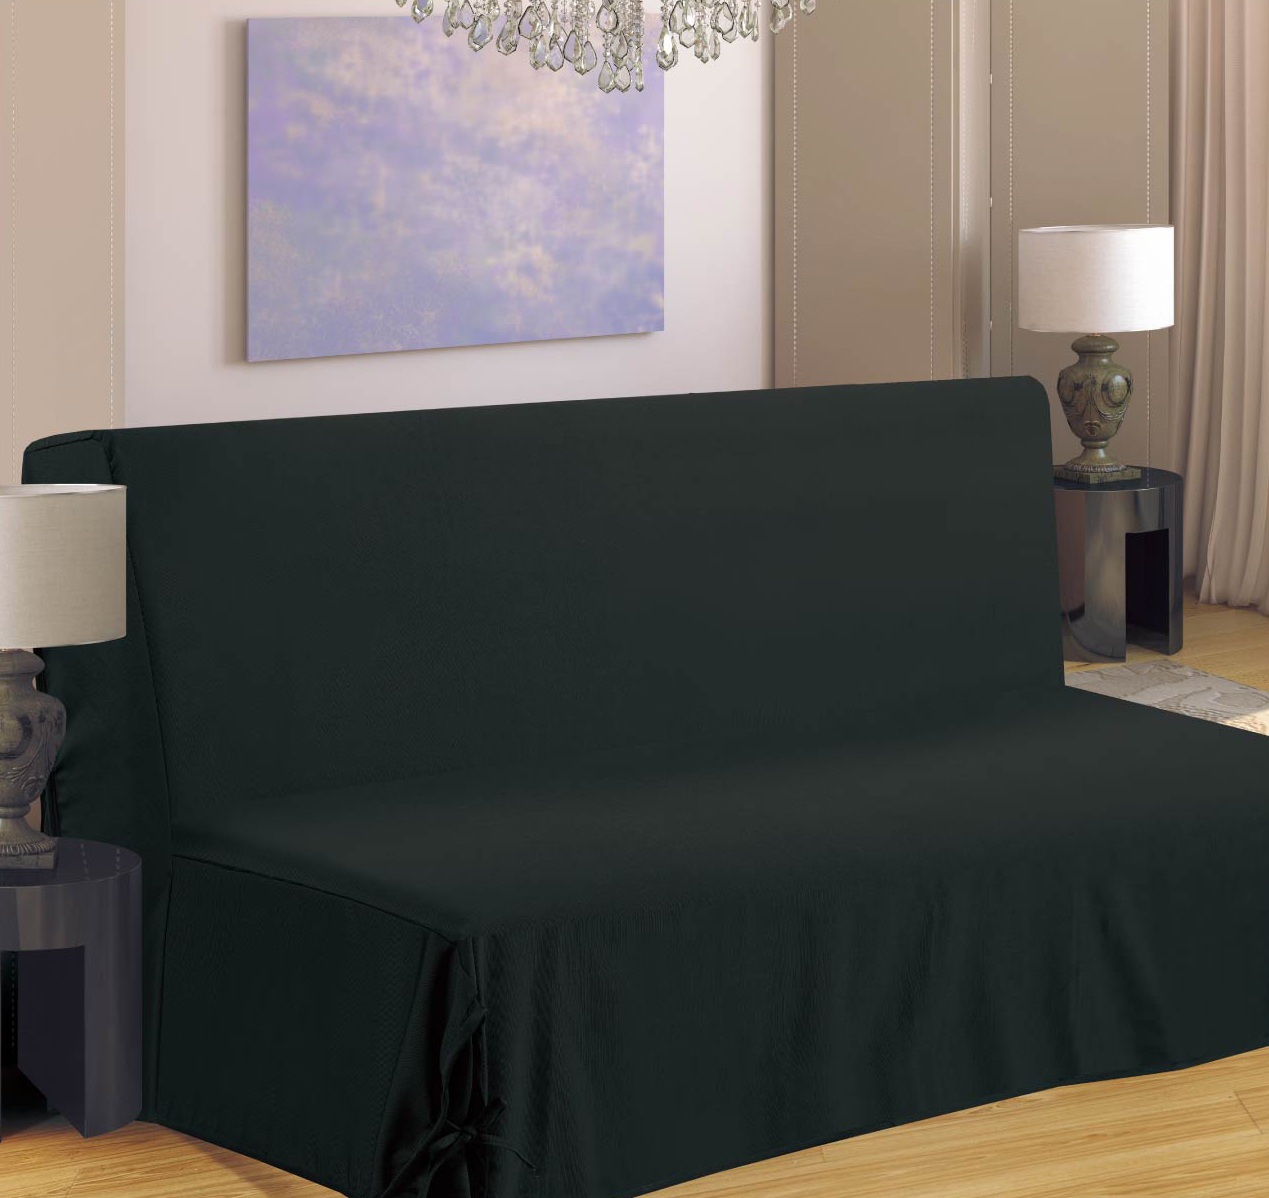 housse de canap pour bz noir bordeaux beige taupe gris chocolat violet. Black Bedroom Furniture Sets. Home Design Ideas